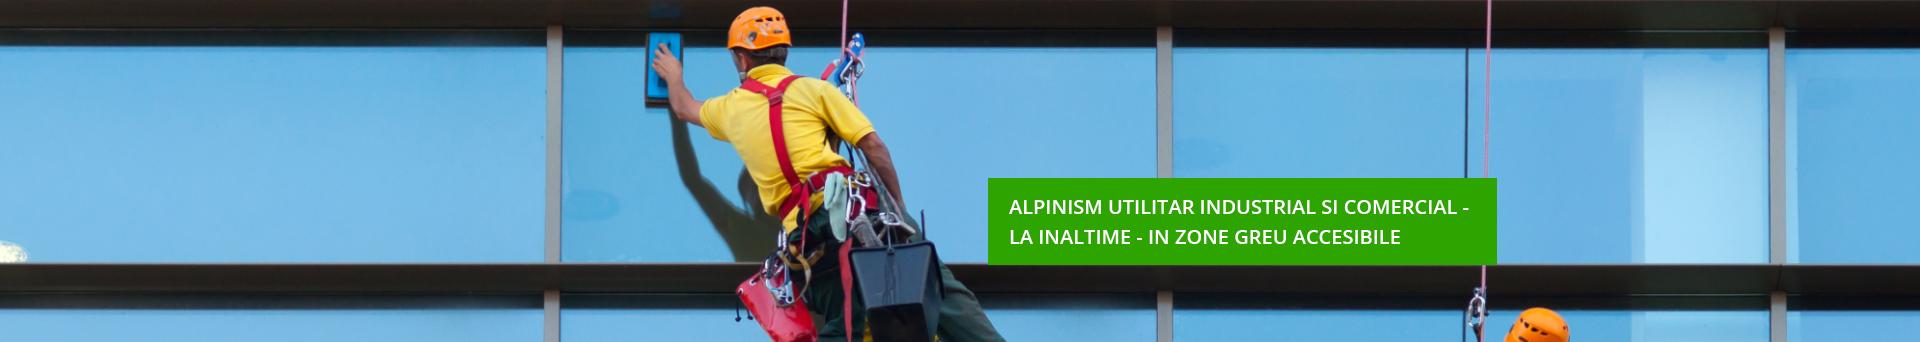 Alpinisti utilitari